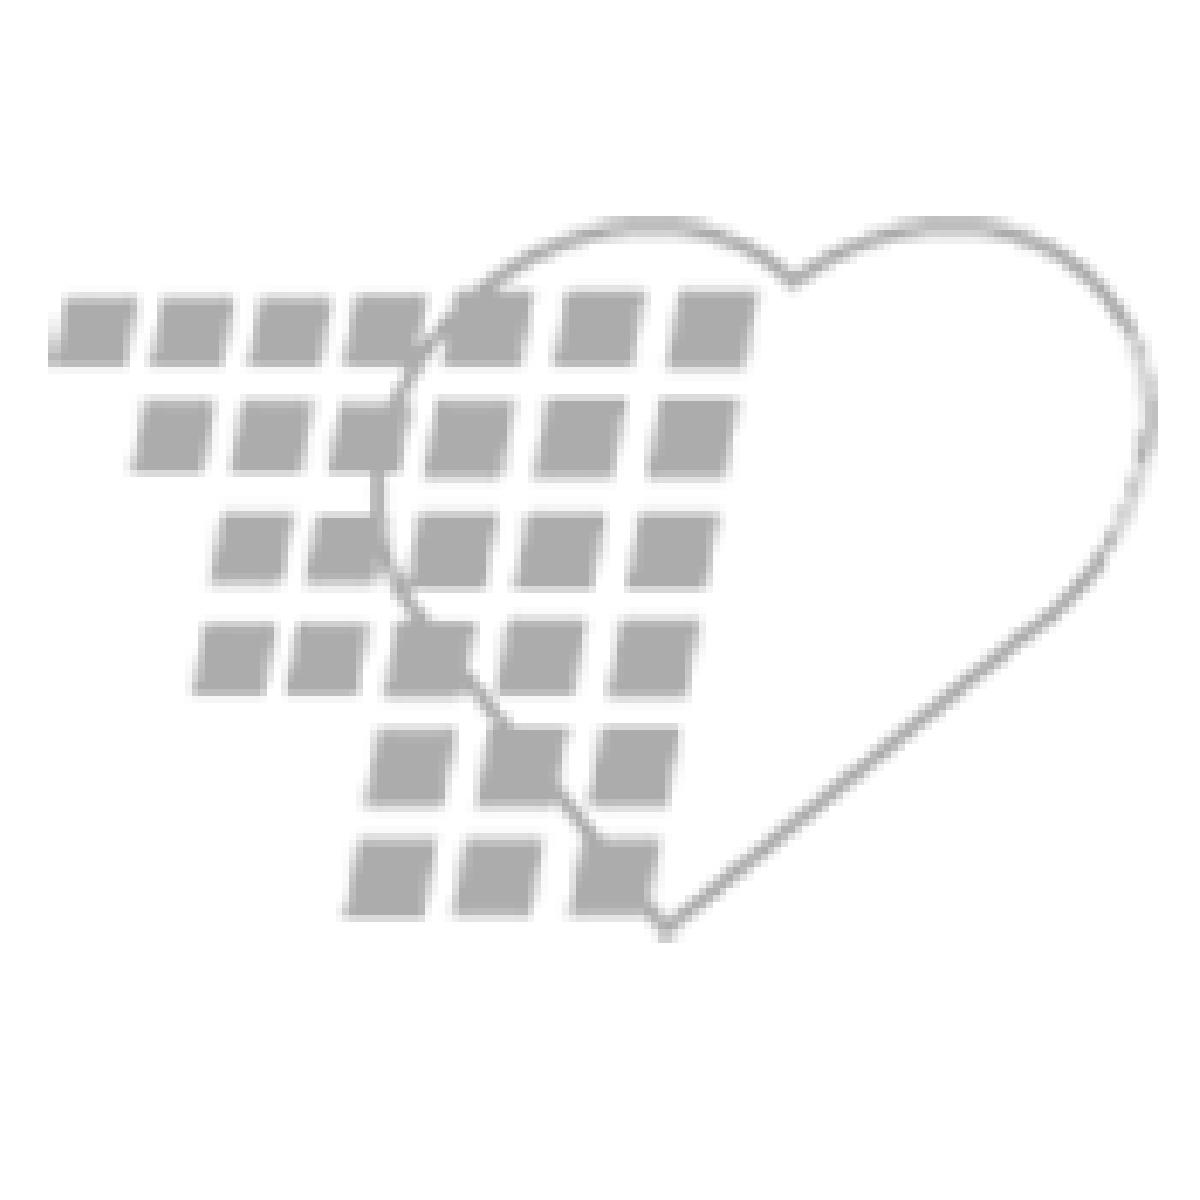 08-56-0716 - Skin Staple Remover Sterile